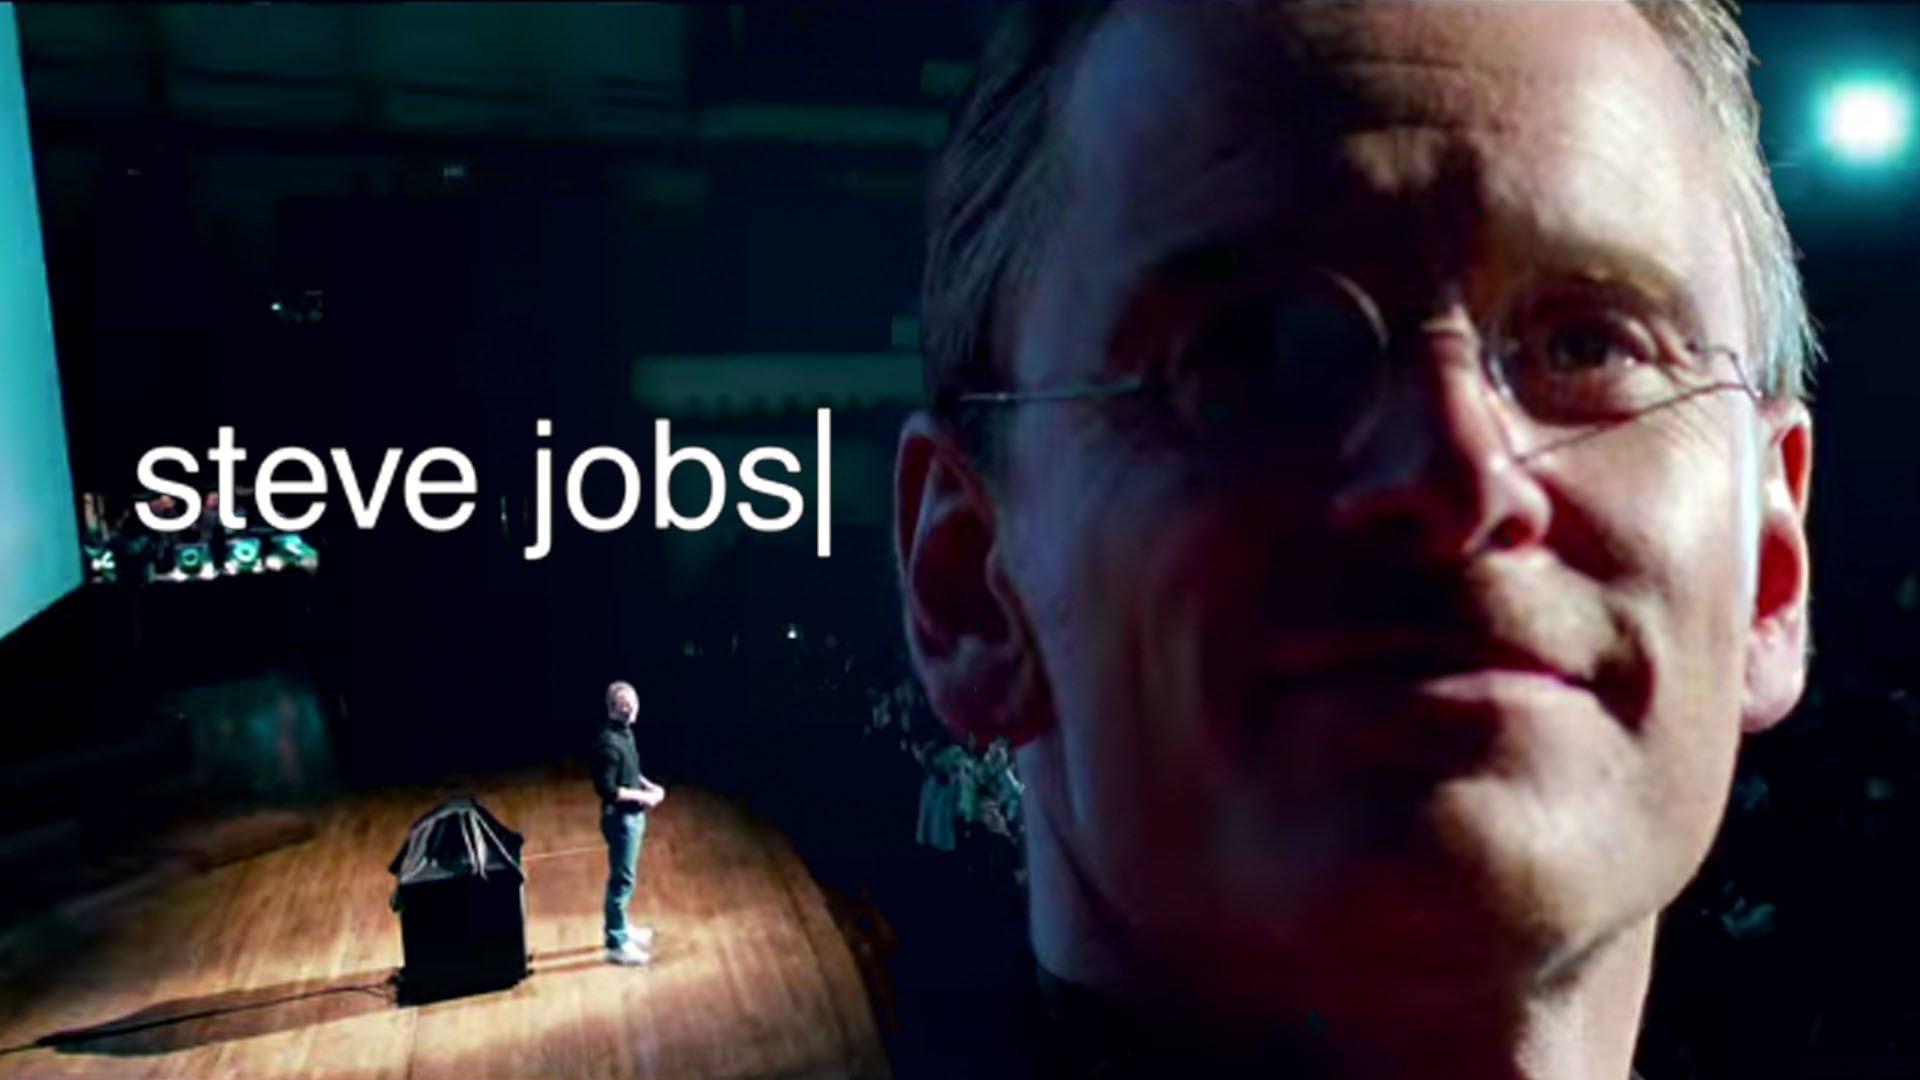 Steve Jobs - 56 yaşındayken hayatını kaybeden Apple'ın kurucusu Steve Jobs'ın hayatını konu alan belgeselin yönetmeni Alex Gibney. Steve Jobs hakkındaki bu belgesel derinlere dalıyor.